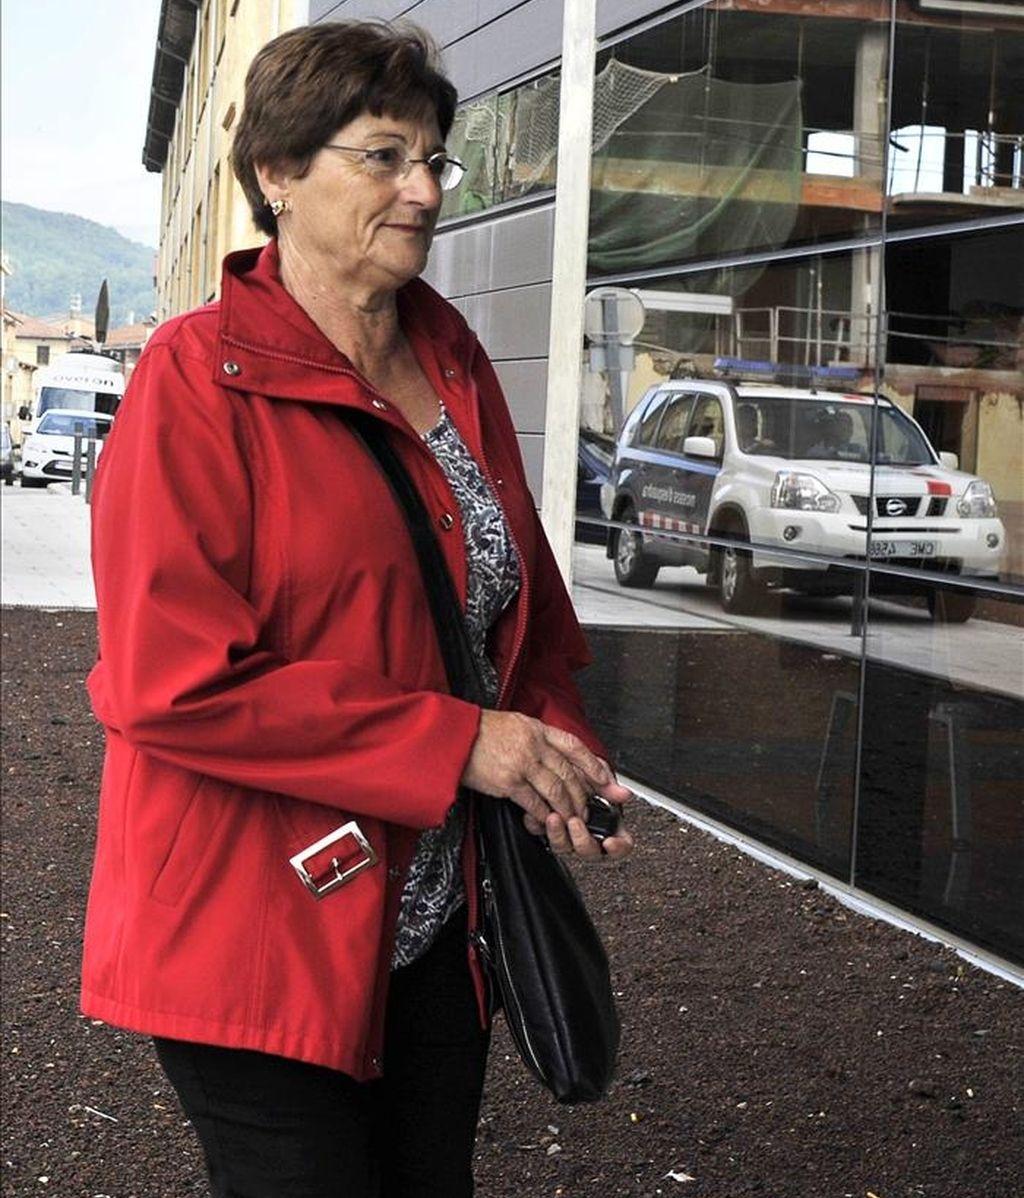 La trabajadora del geriátrico La Caritat de Olot (Girona) Francesca S.S., a su llegada a los juzgados de la localidad gerundense para declarar en calidad de testigo en el caso que se instruye contra el celador del centro Joan V., acusado de la muerte de once internos. EFE